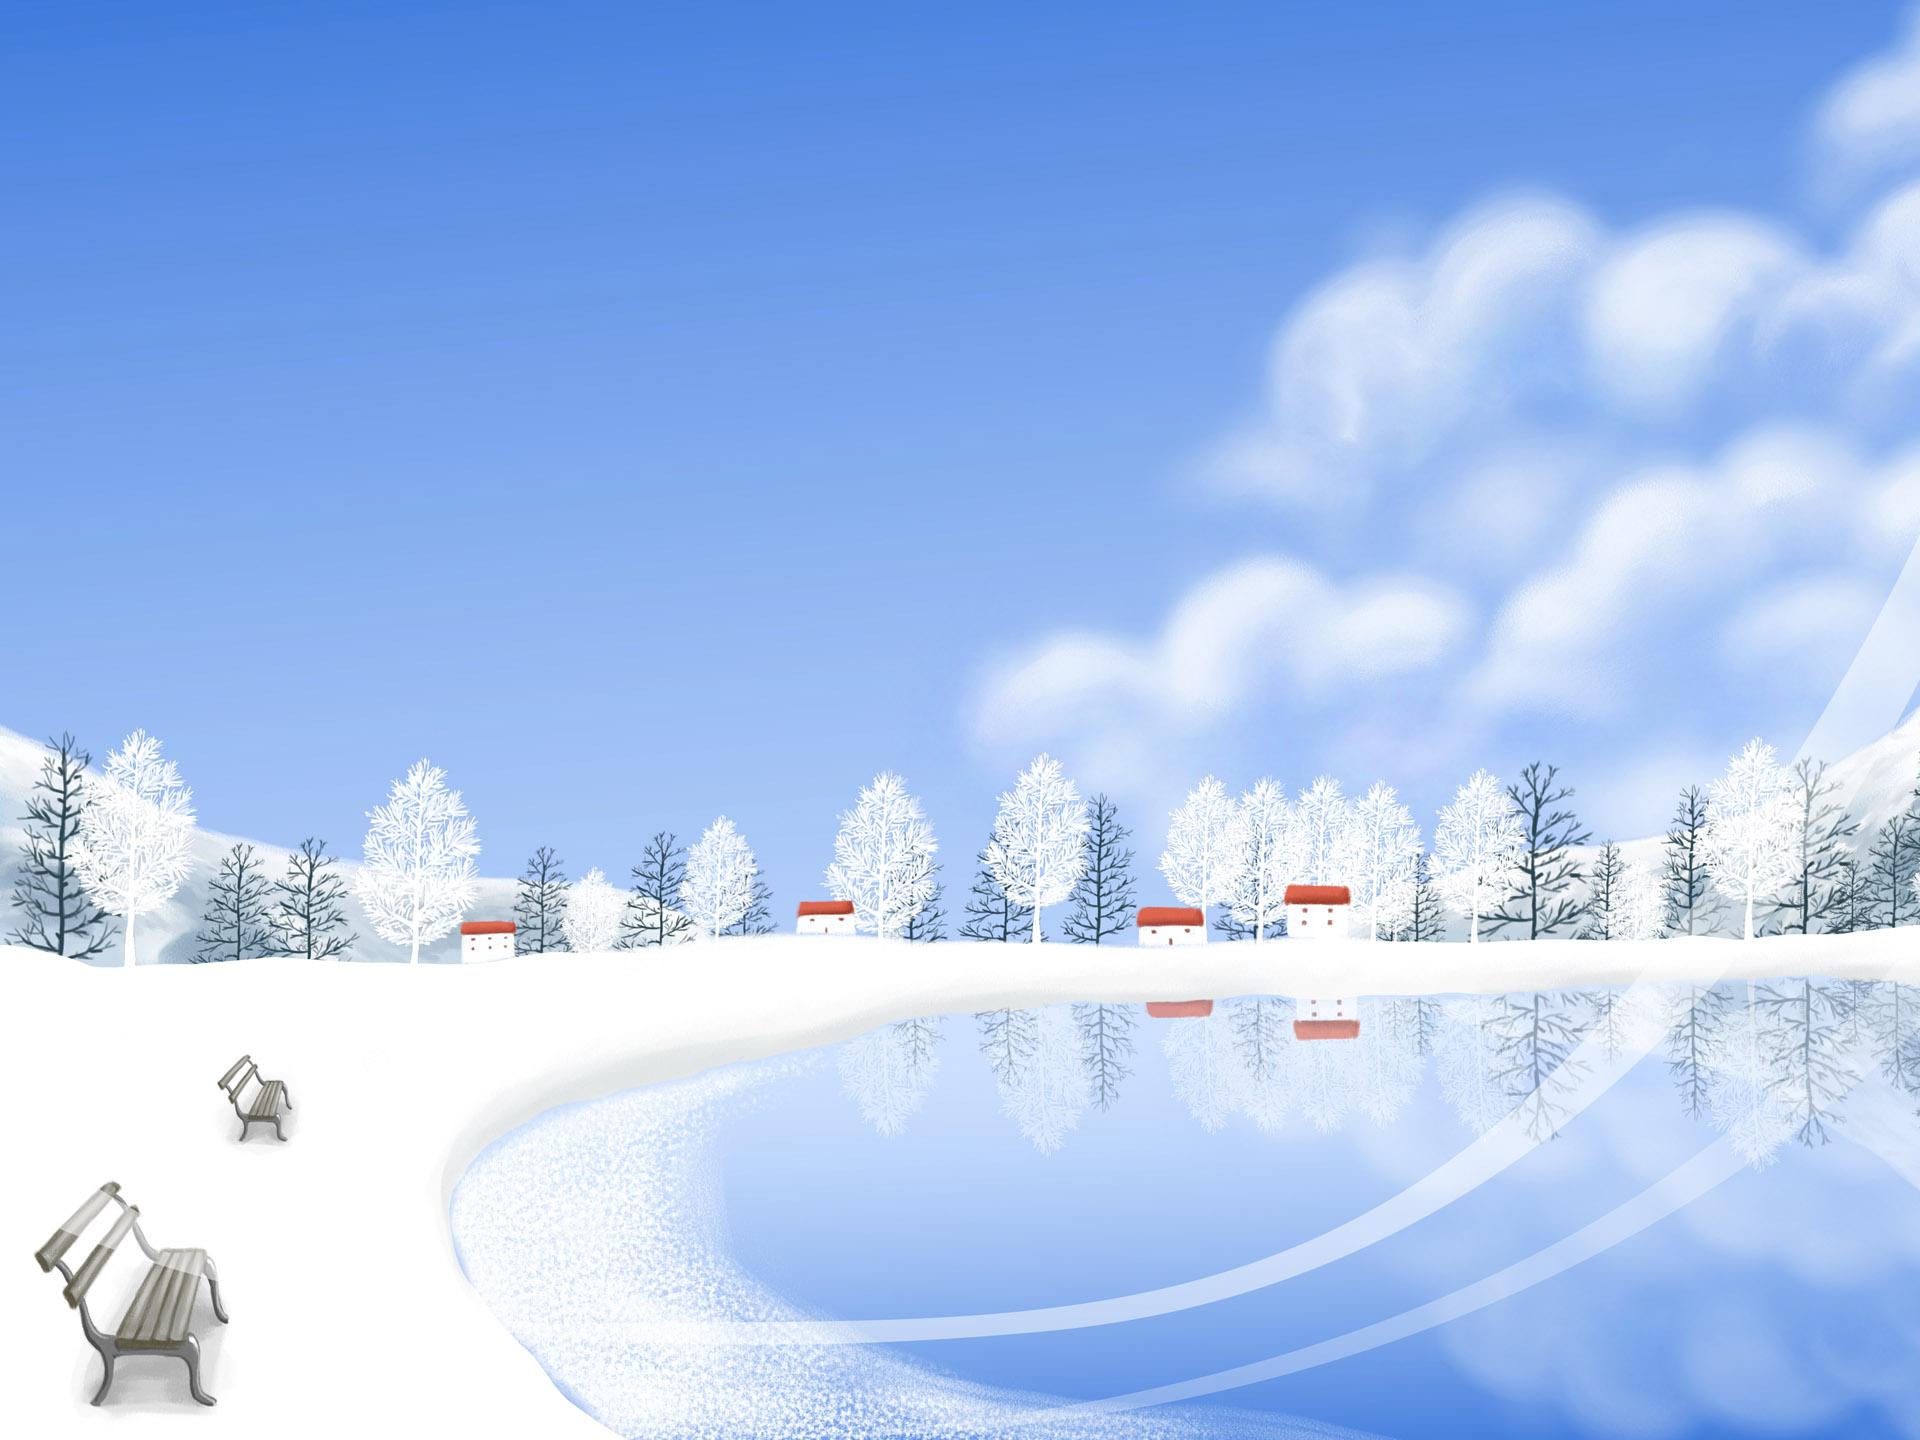 beautiful_season_winter_illustration_art_3002